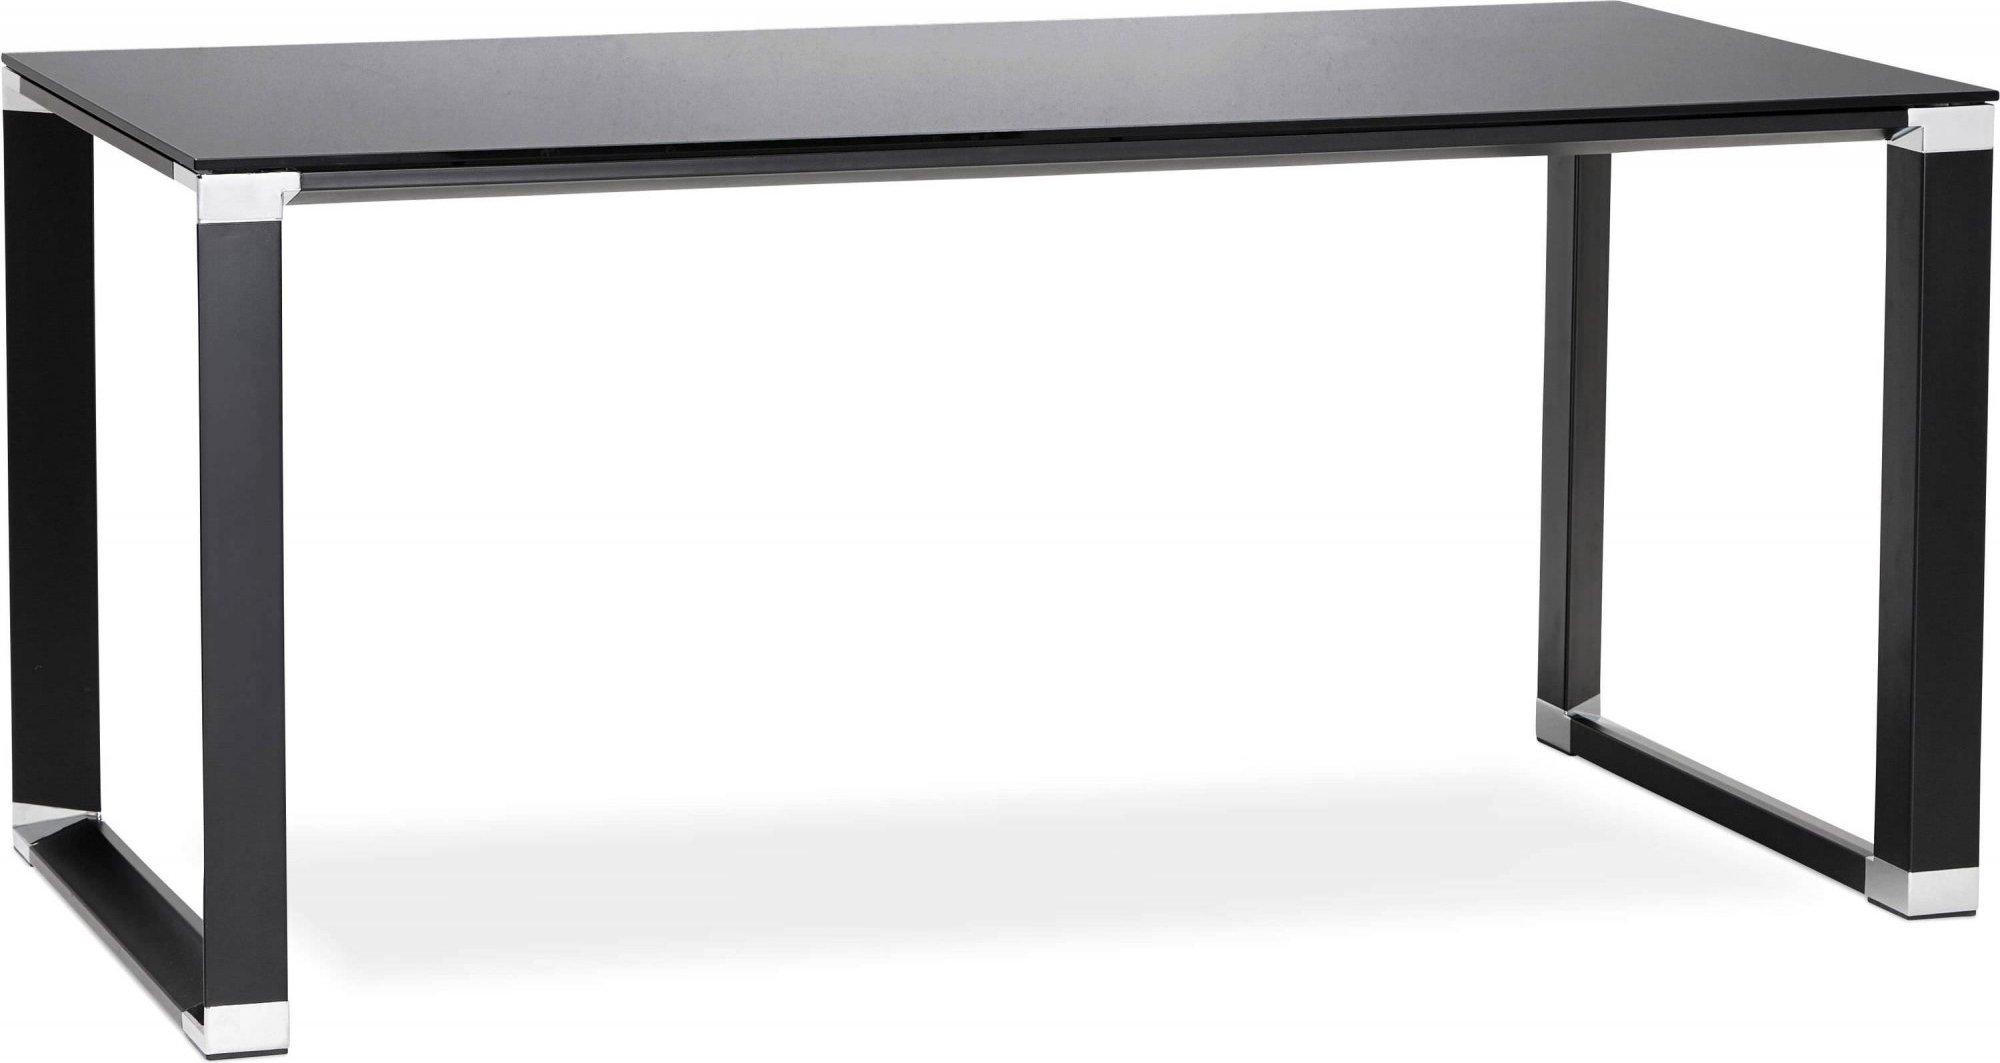 Bureau desgn plateau en verre noir pieds métal laqué noir